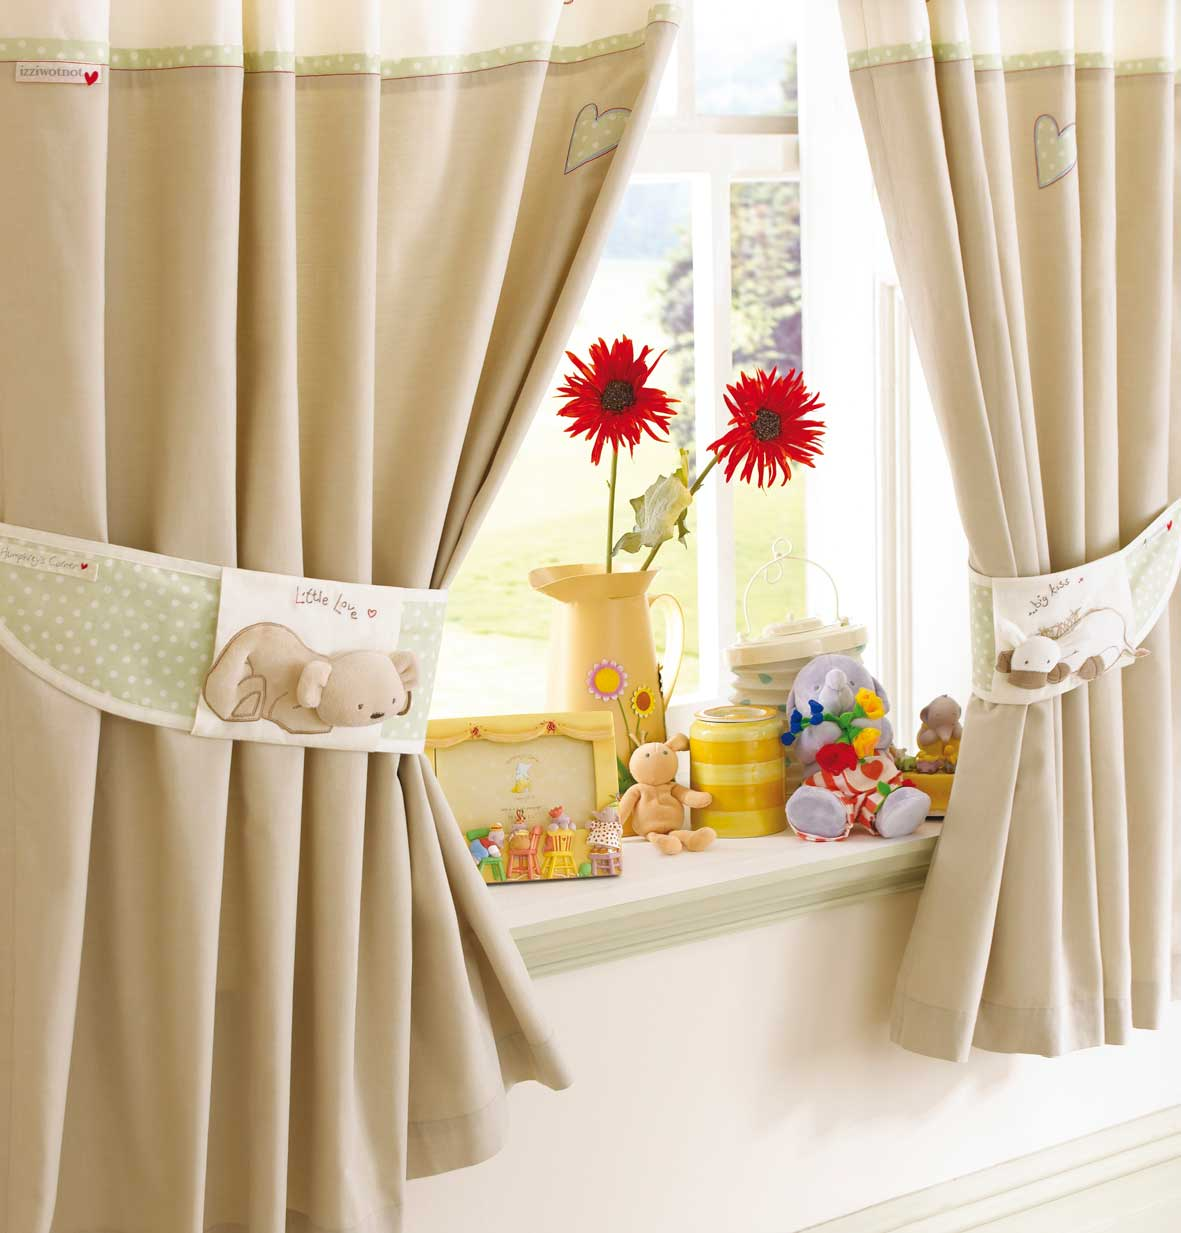 hreys bedtime curtains a tie backs